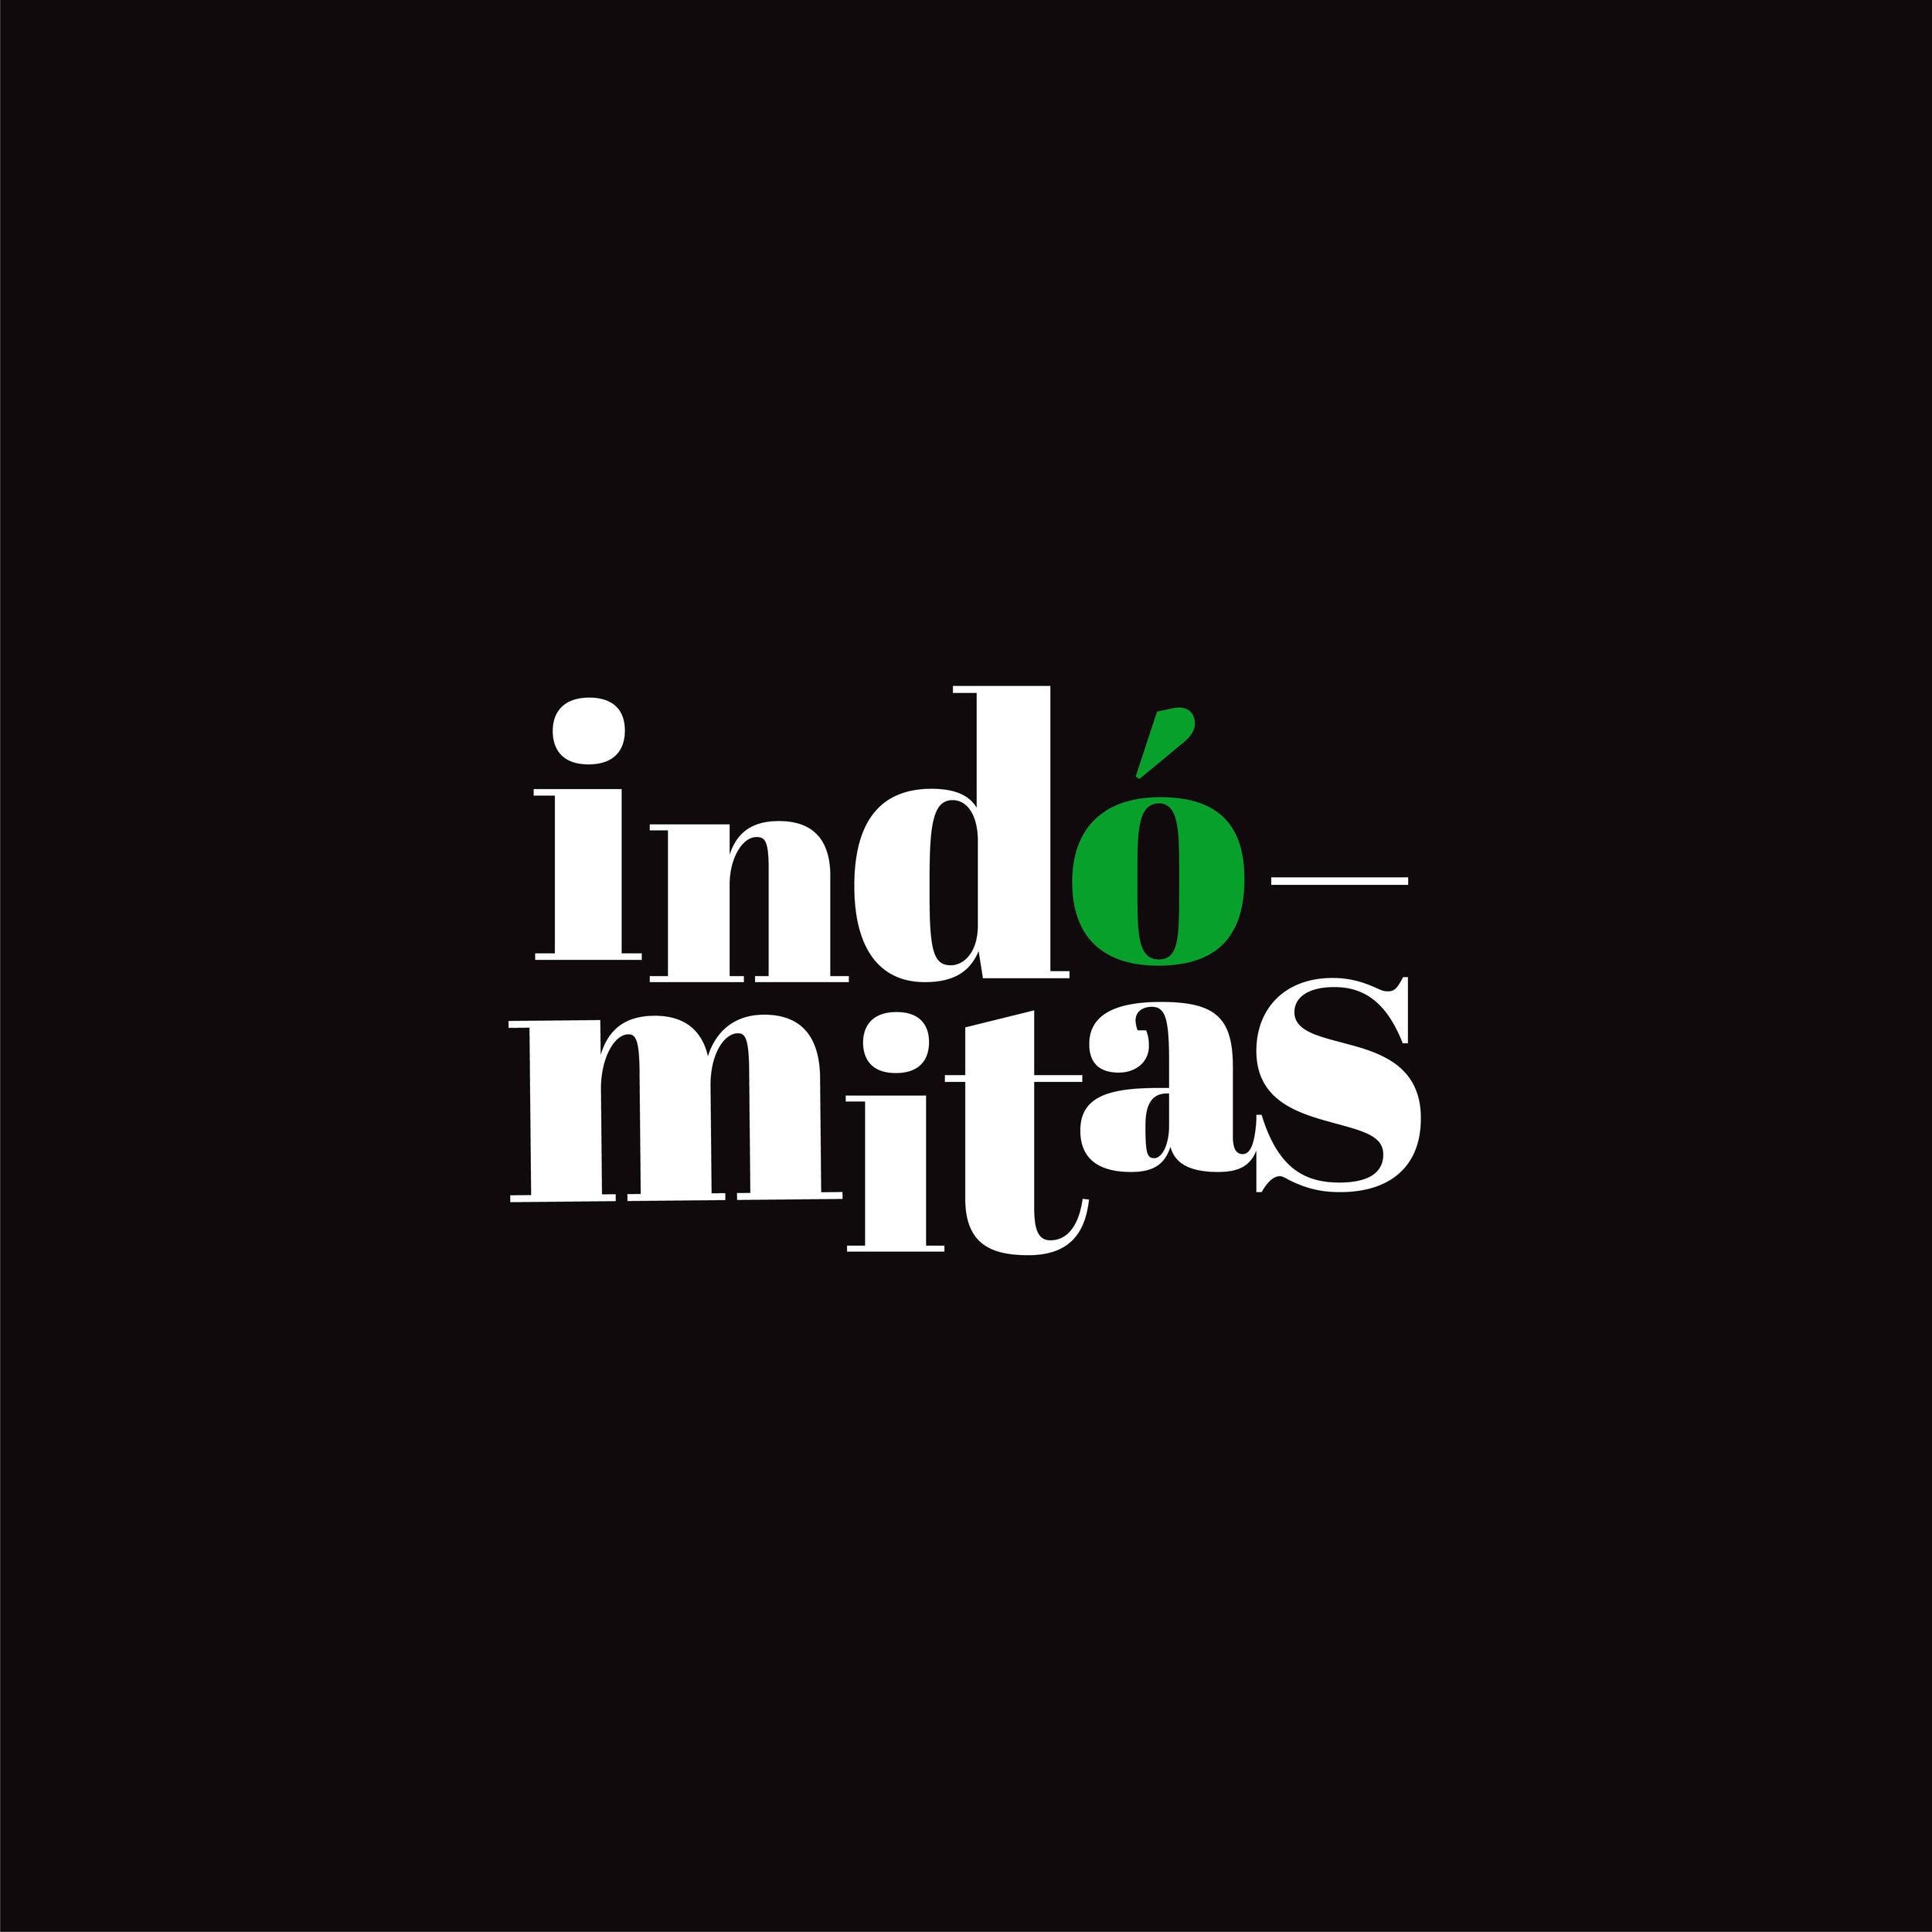 indomitas-logo-white.jpg